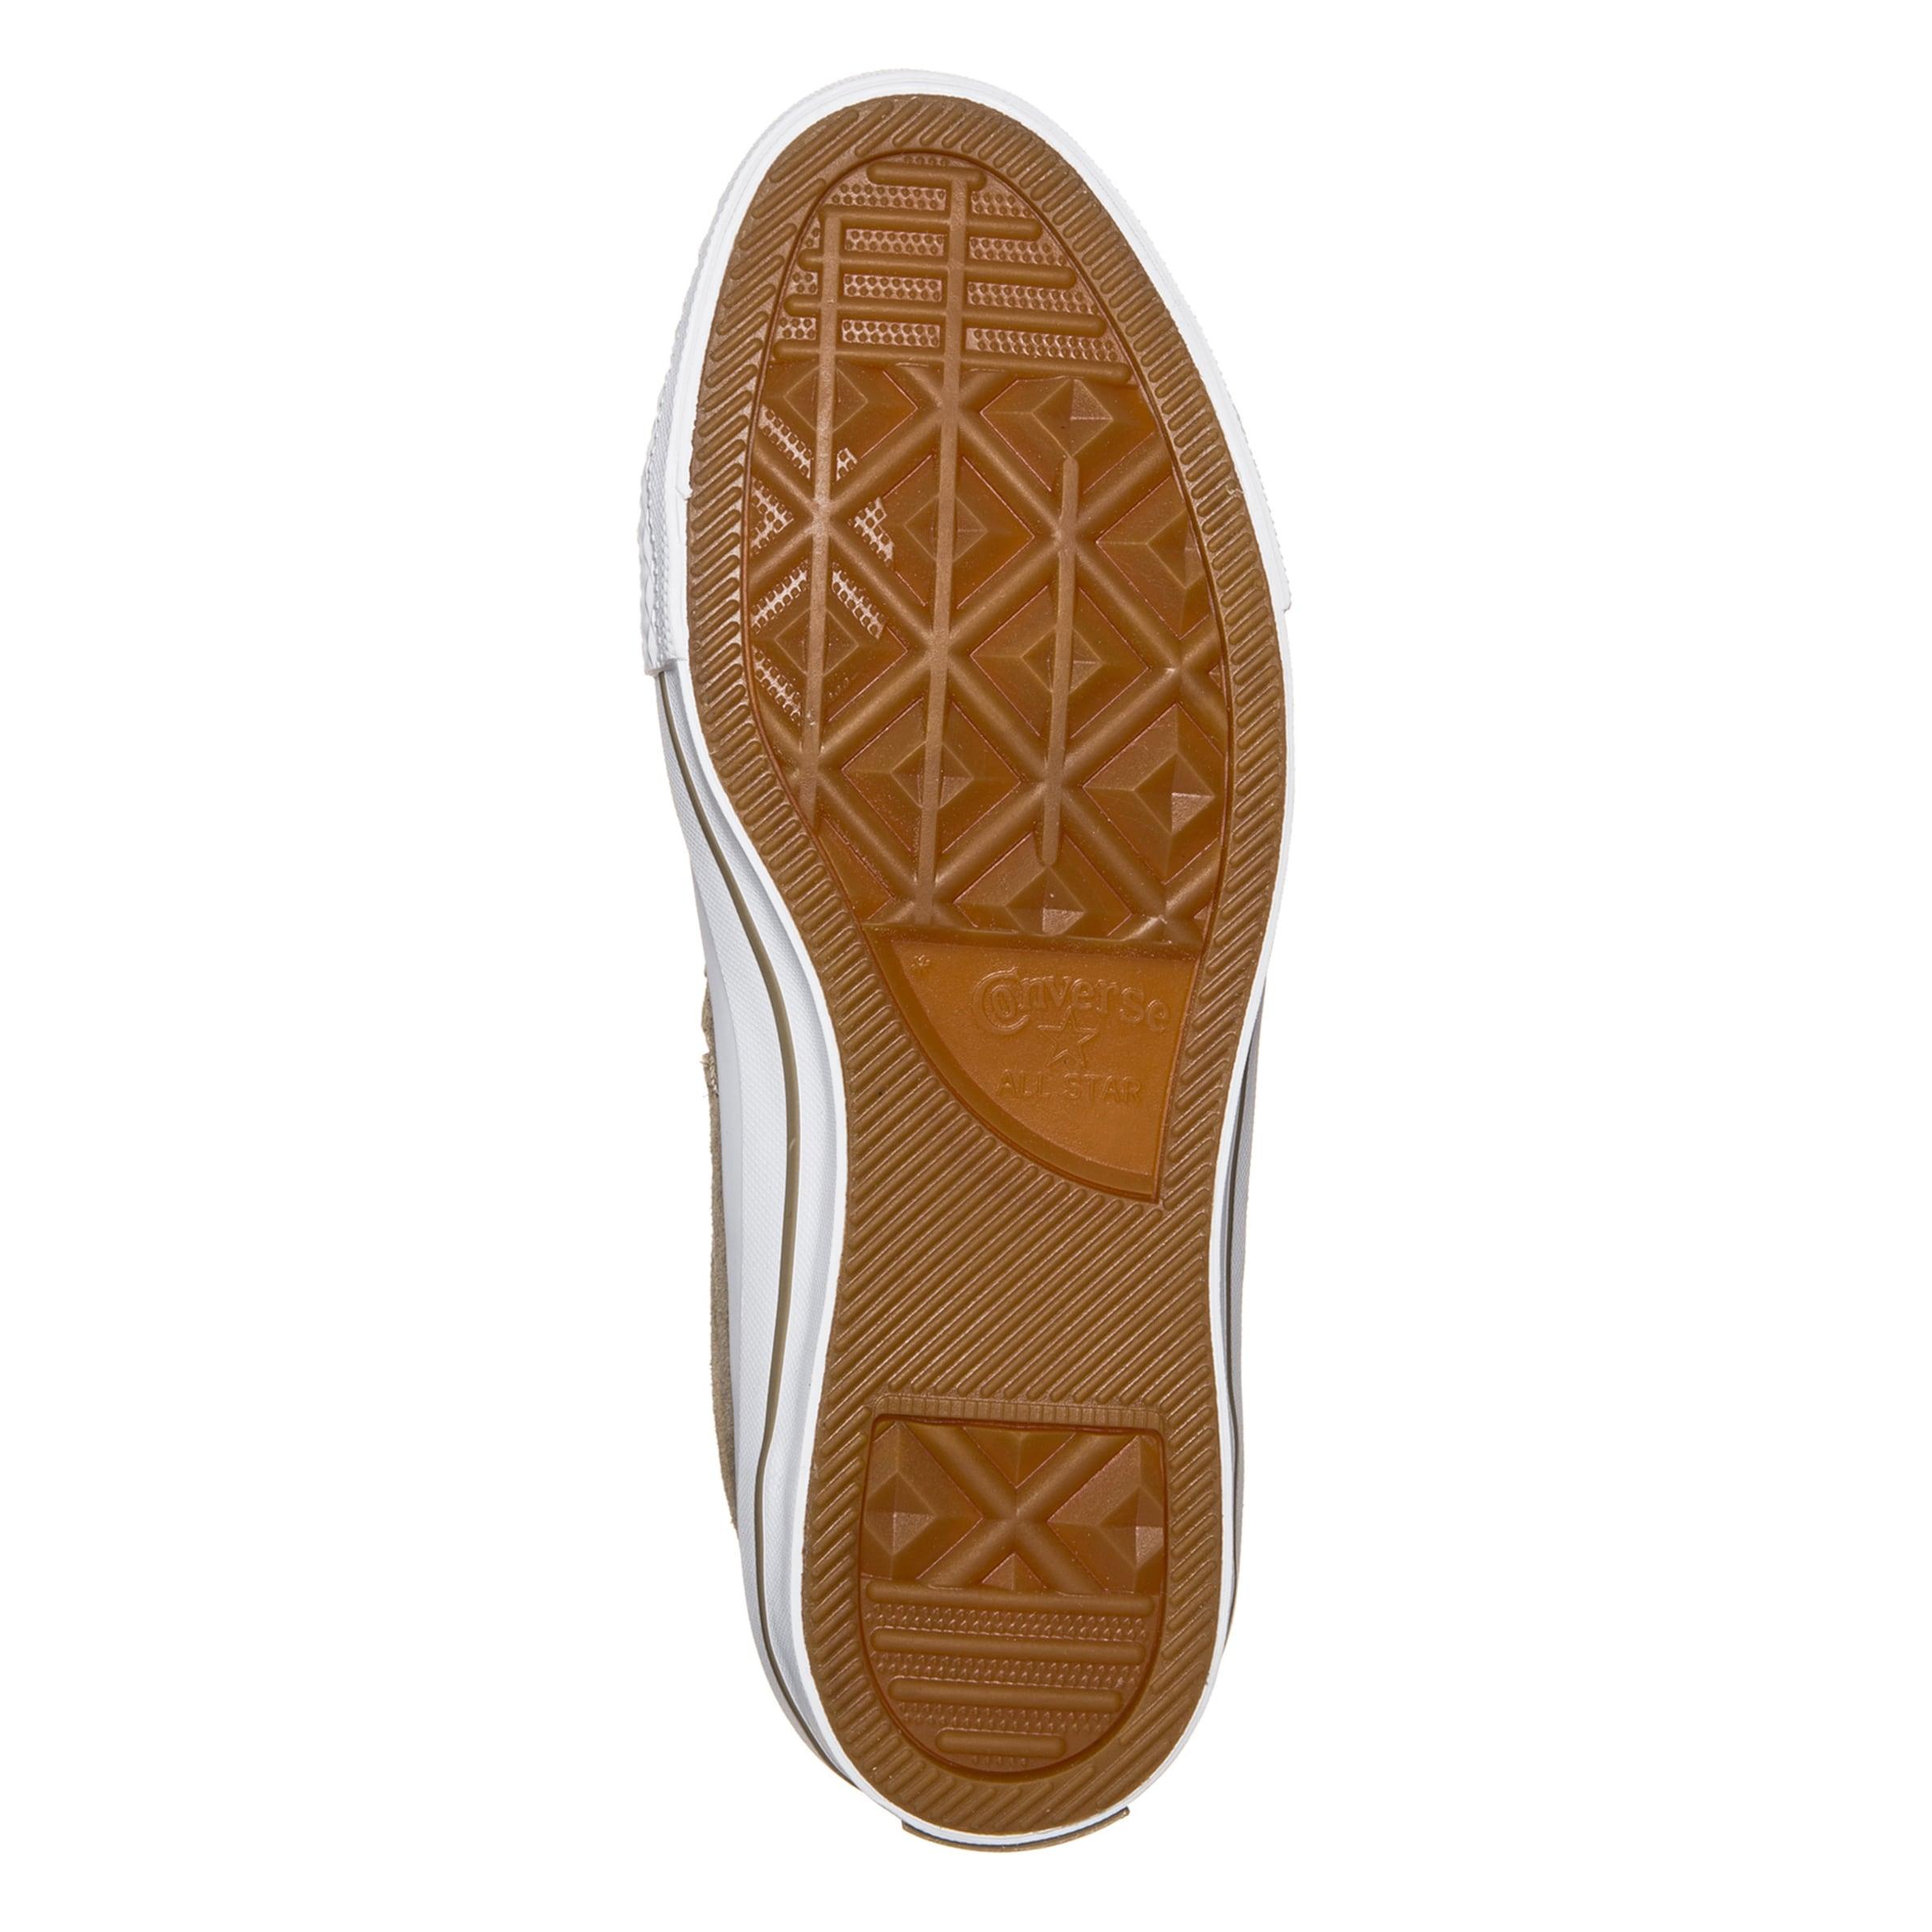 CONVERSE Cons One Star Suede OX Sneaker Angebote Günstig Online 8QAkDEPF